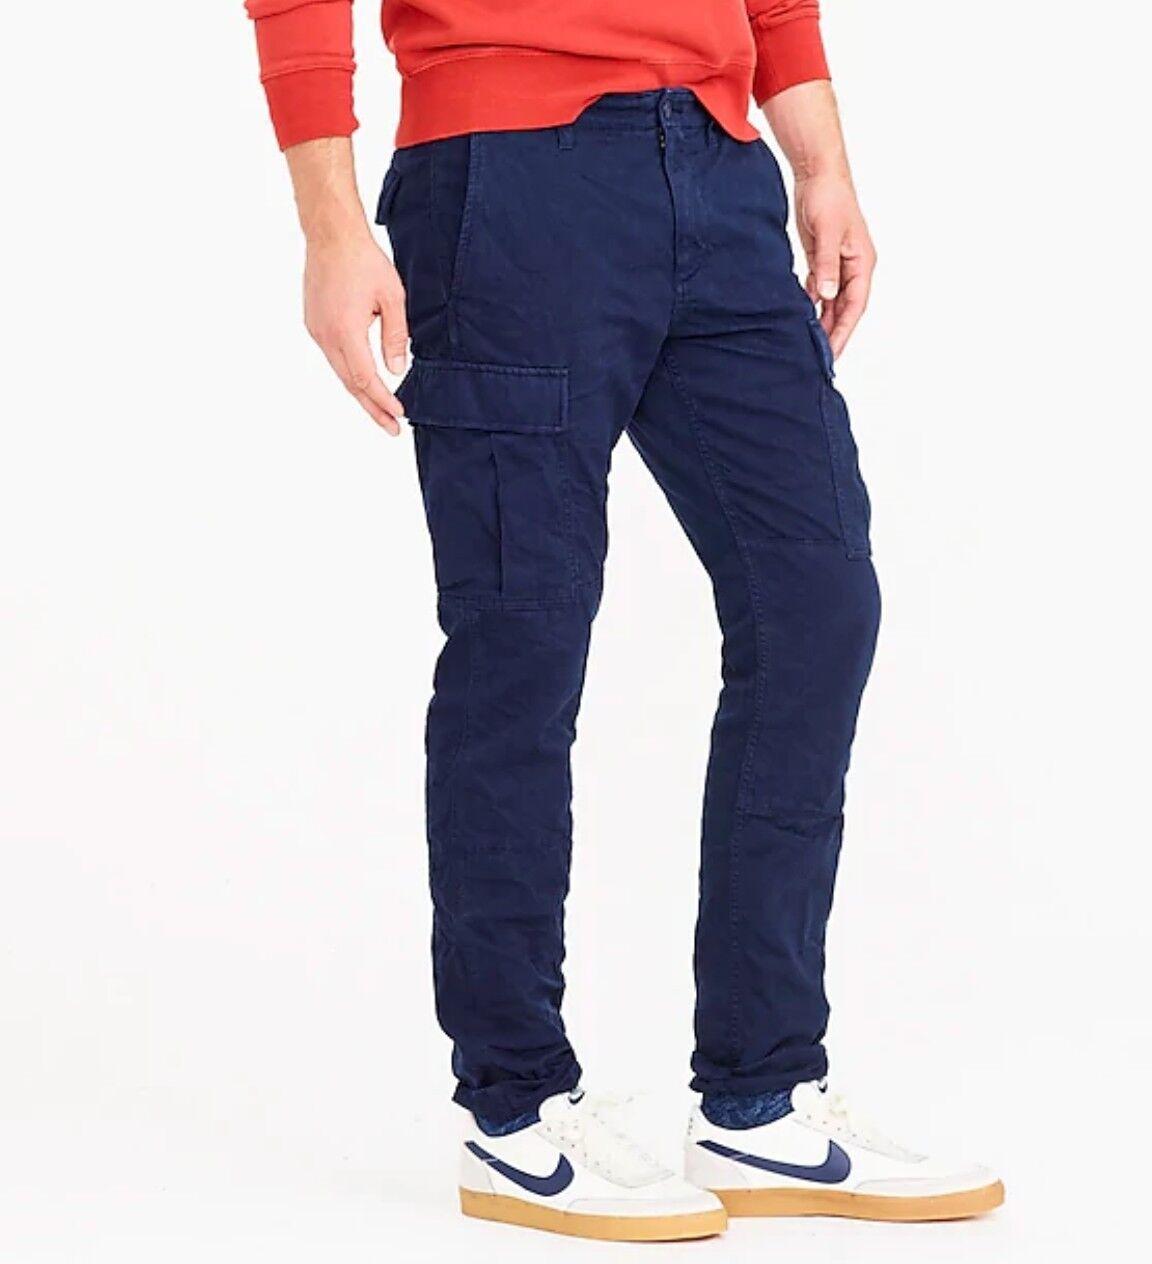 JCREW da uomo 484 Slim Pantaloni con con con tasconi in Blu Scuro 31 30 RRP 89.50 100% COTONE 1ce77c